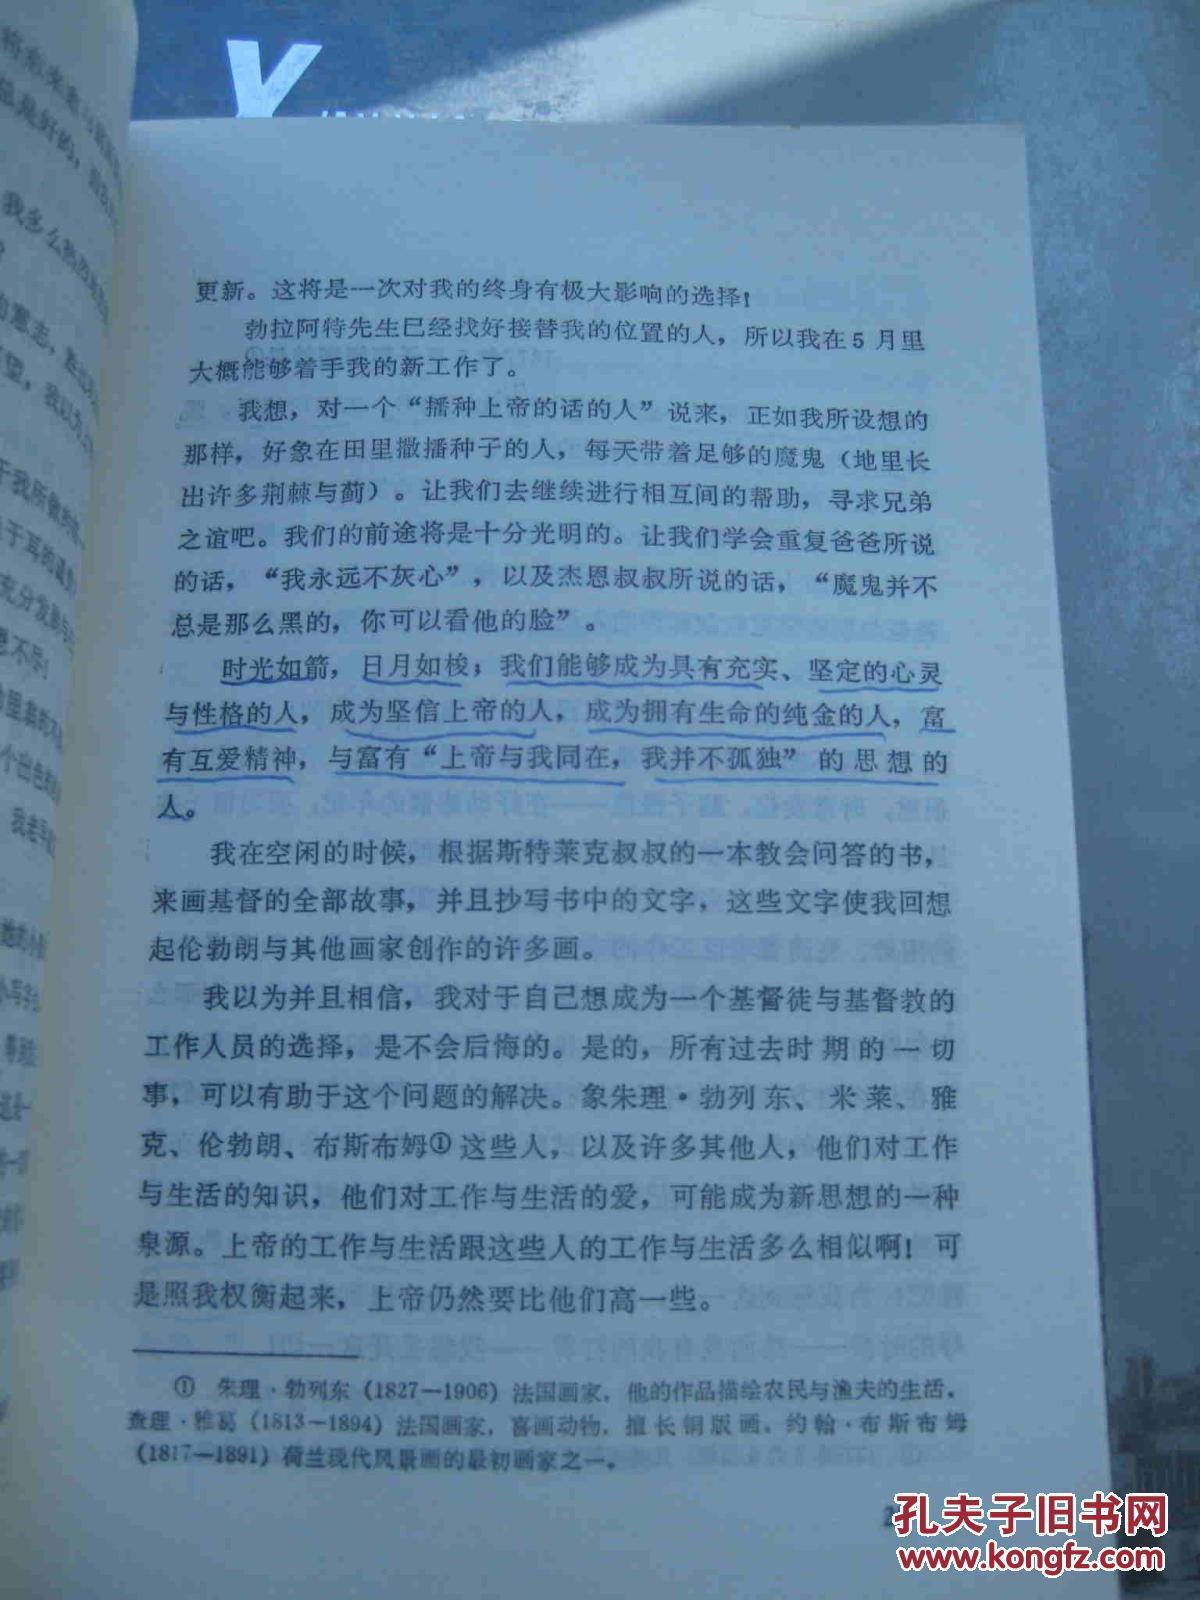 亲爱的提奥——梵高书信体自传图片